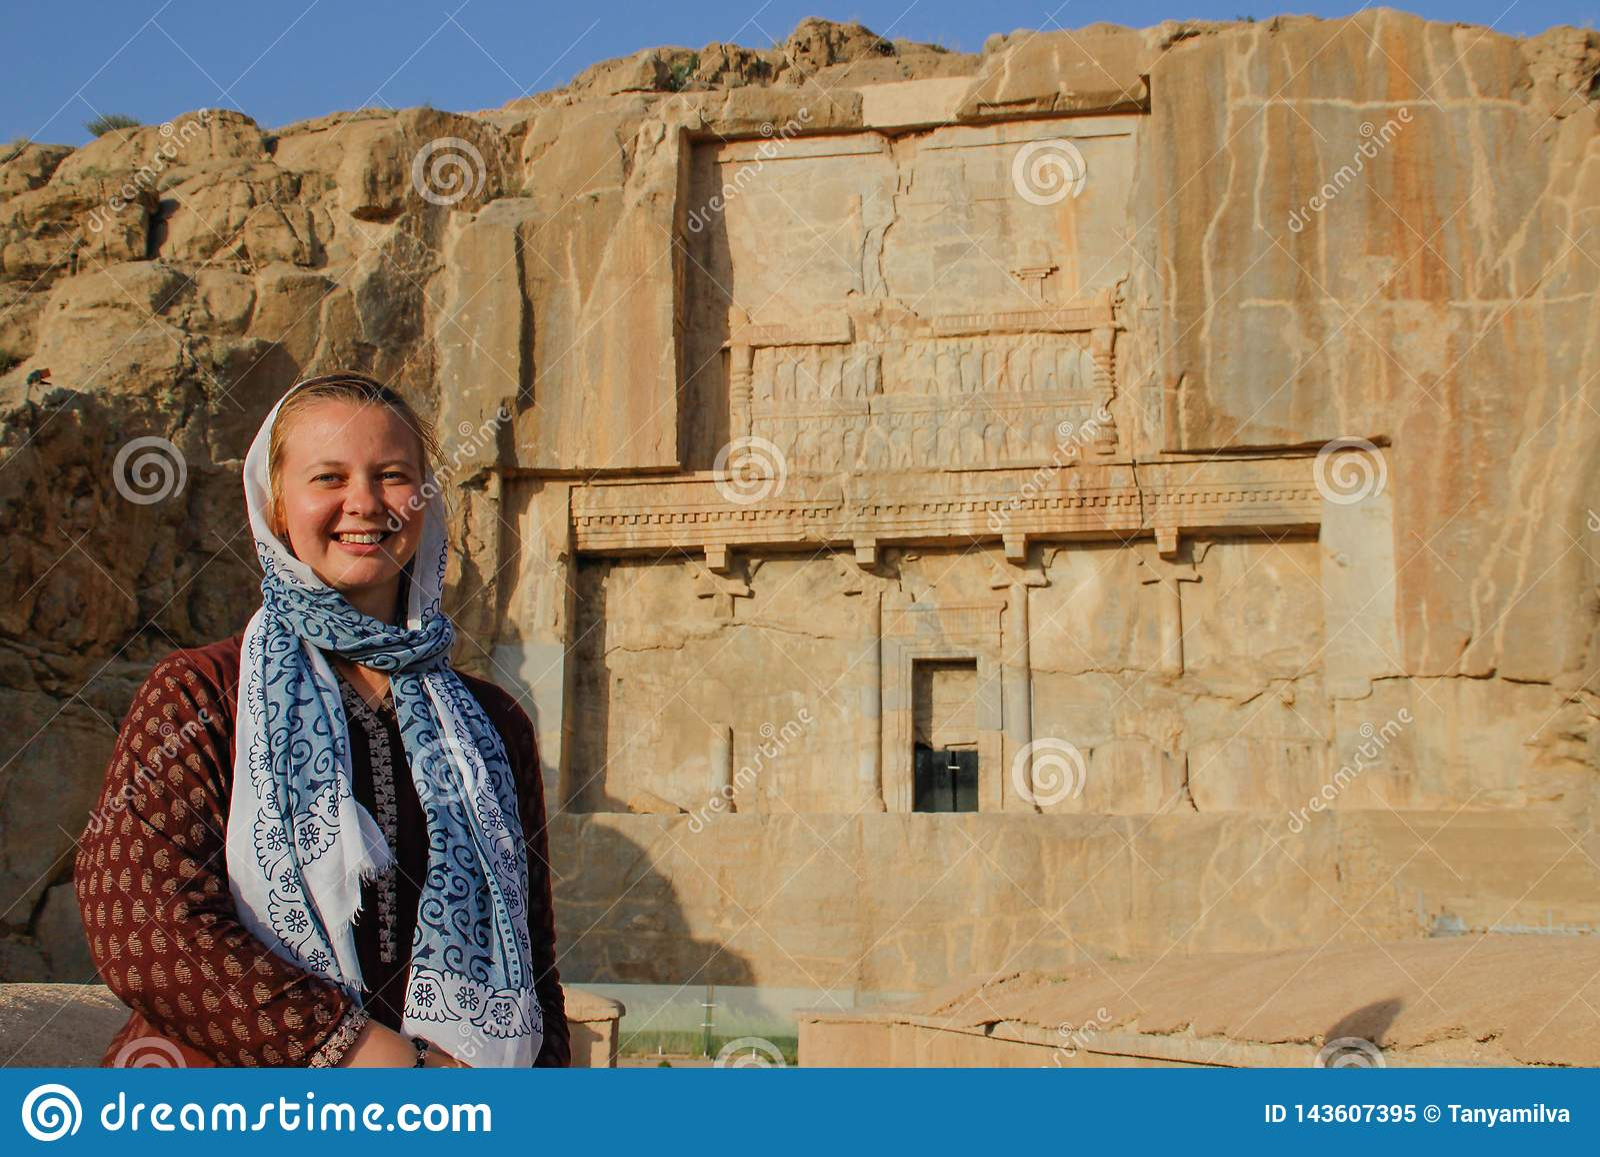 Turisten för den unga kvinnan med ett täckt huvud står på bakgrunden av de berömda basrelieferna av daghuvudstaden av Persia Iran